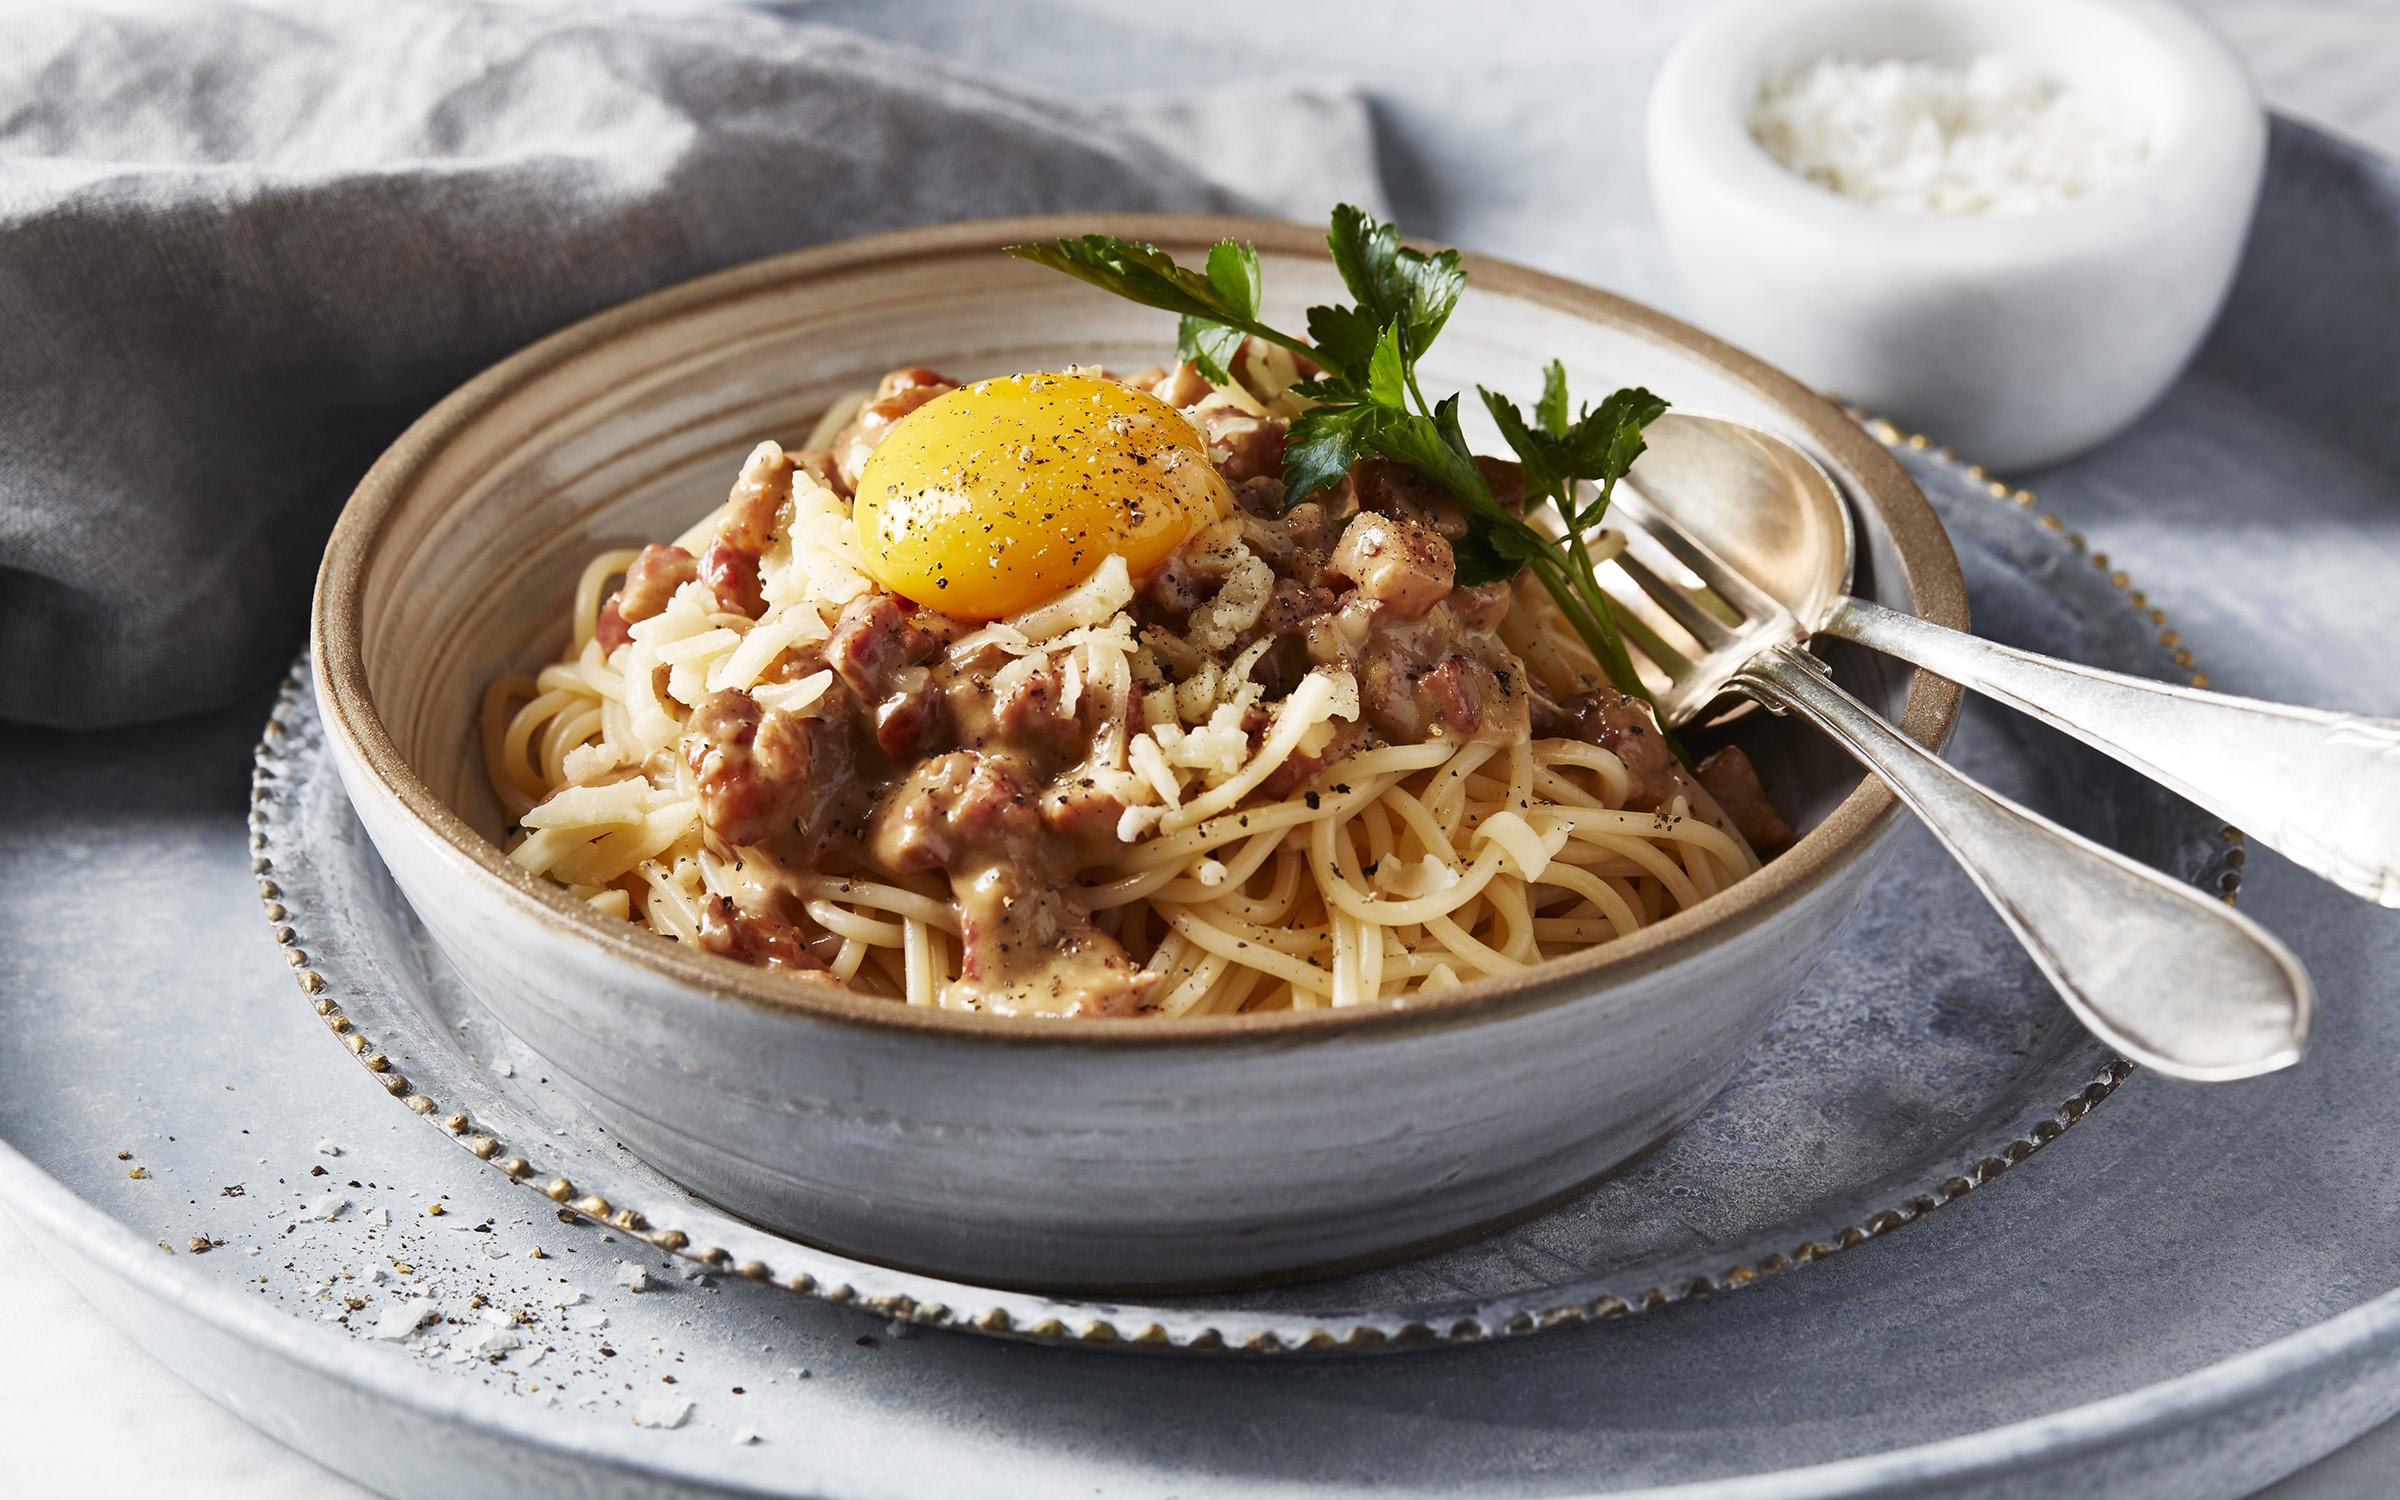 vad kan man äta till pasta